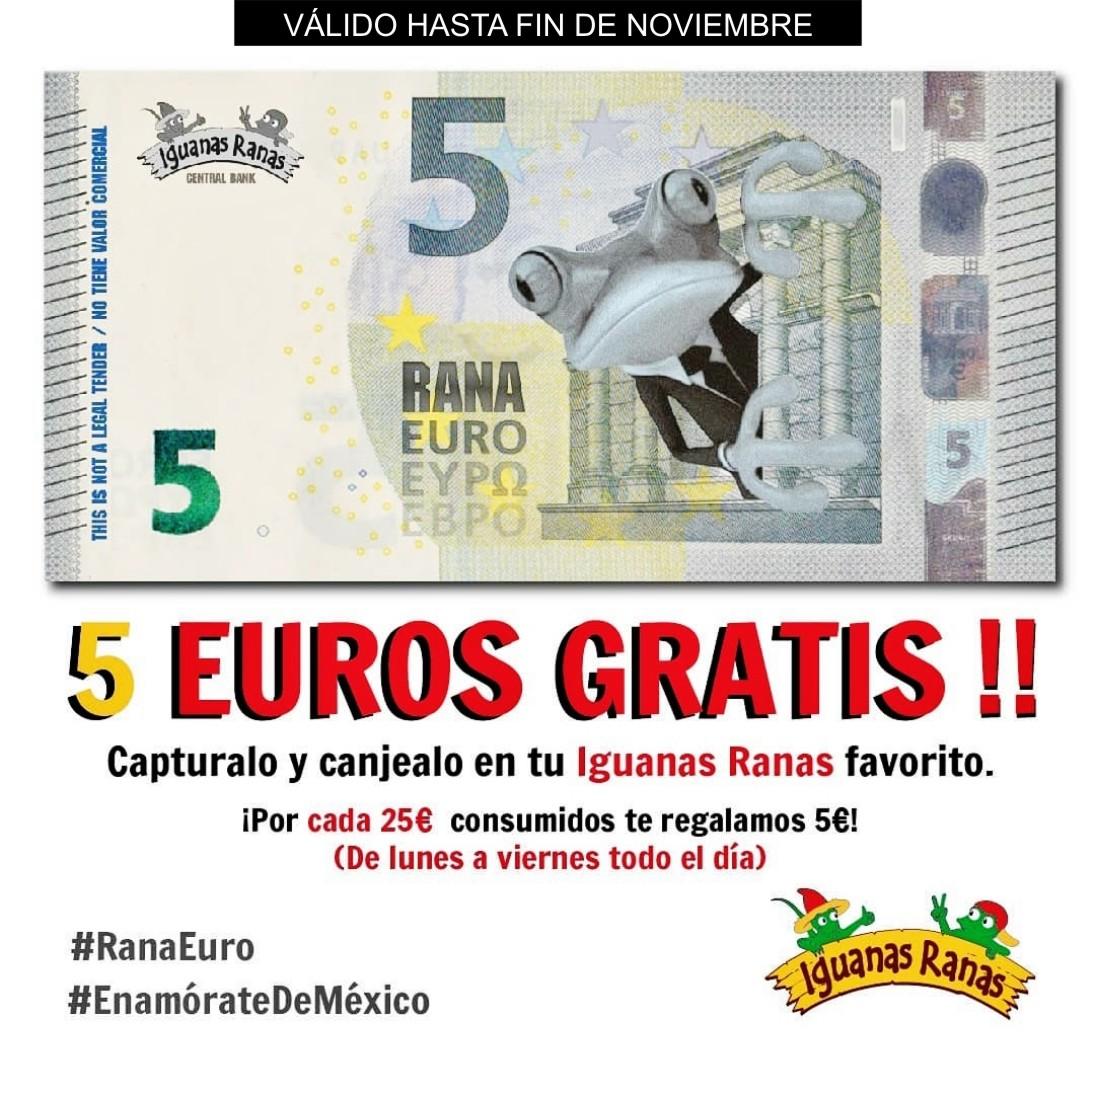 5 EUROS FREE !!!